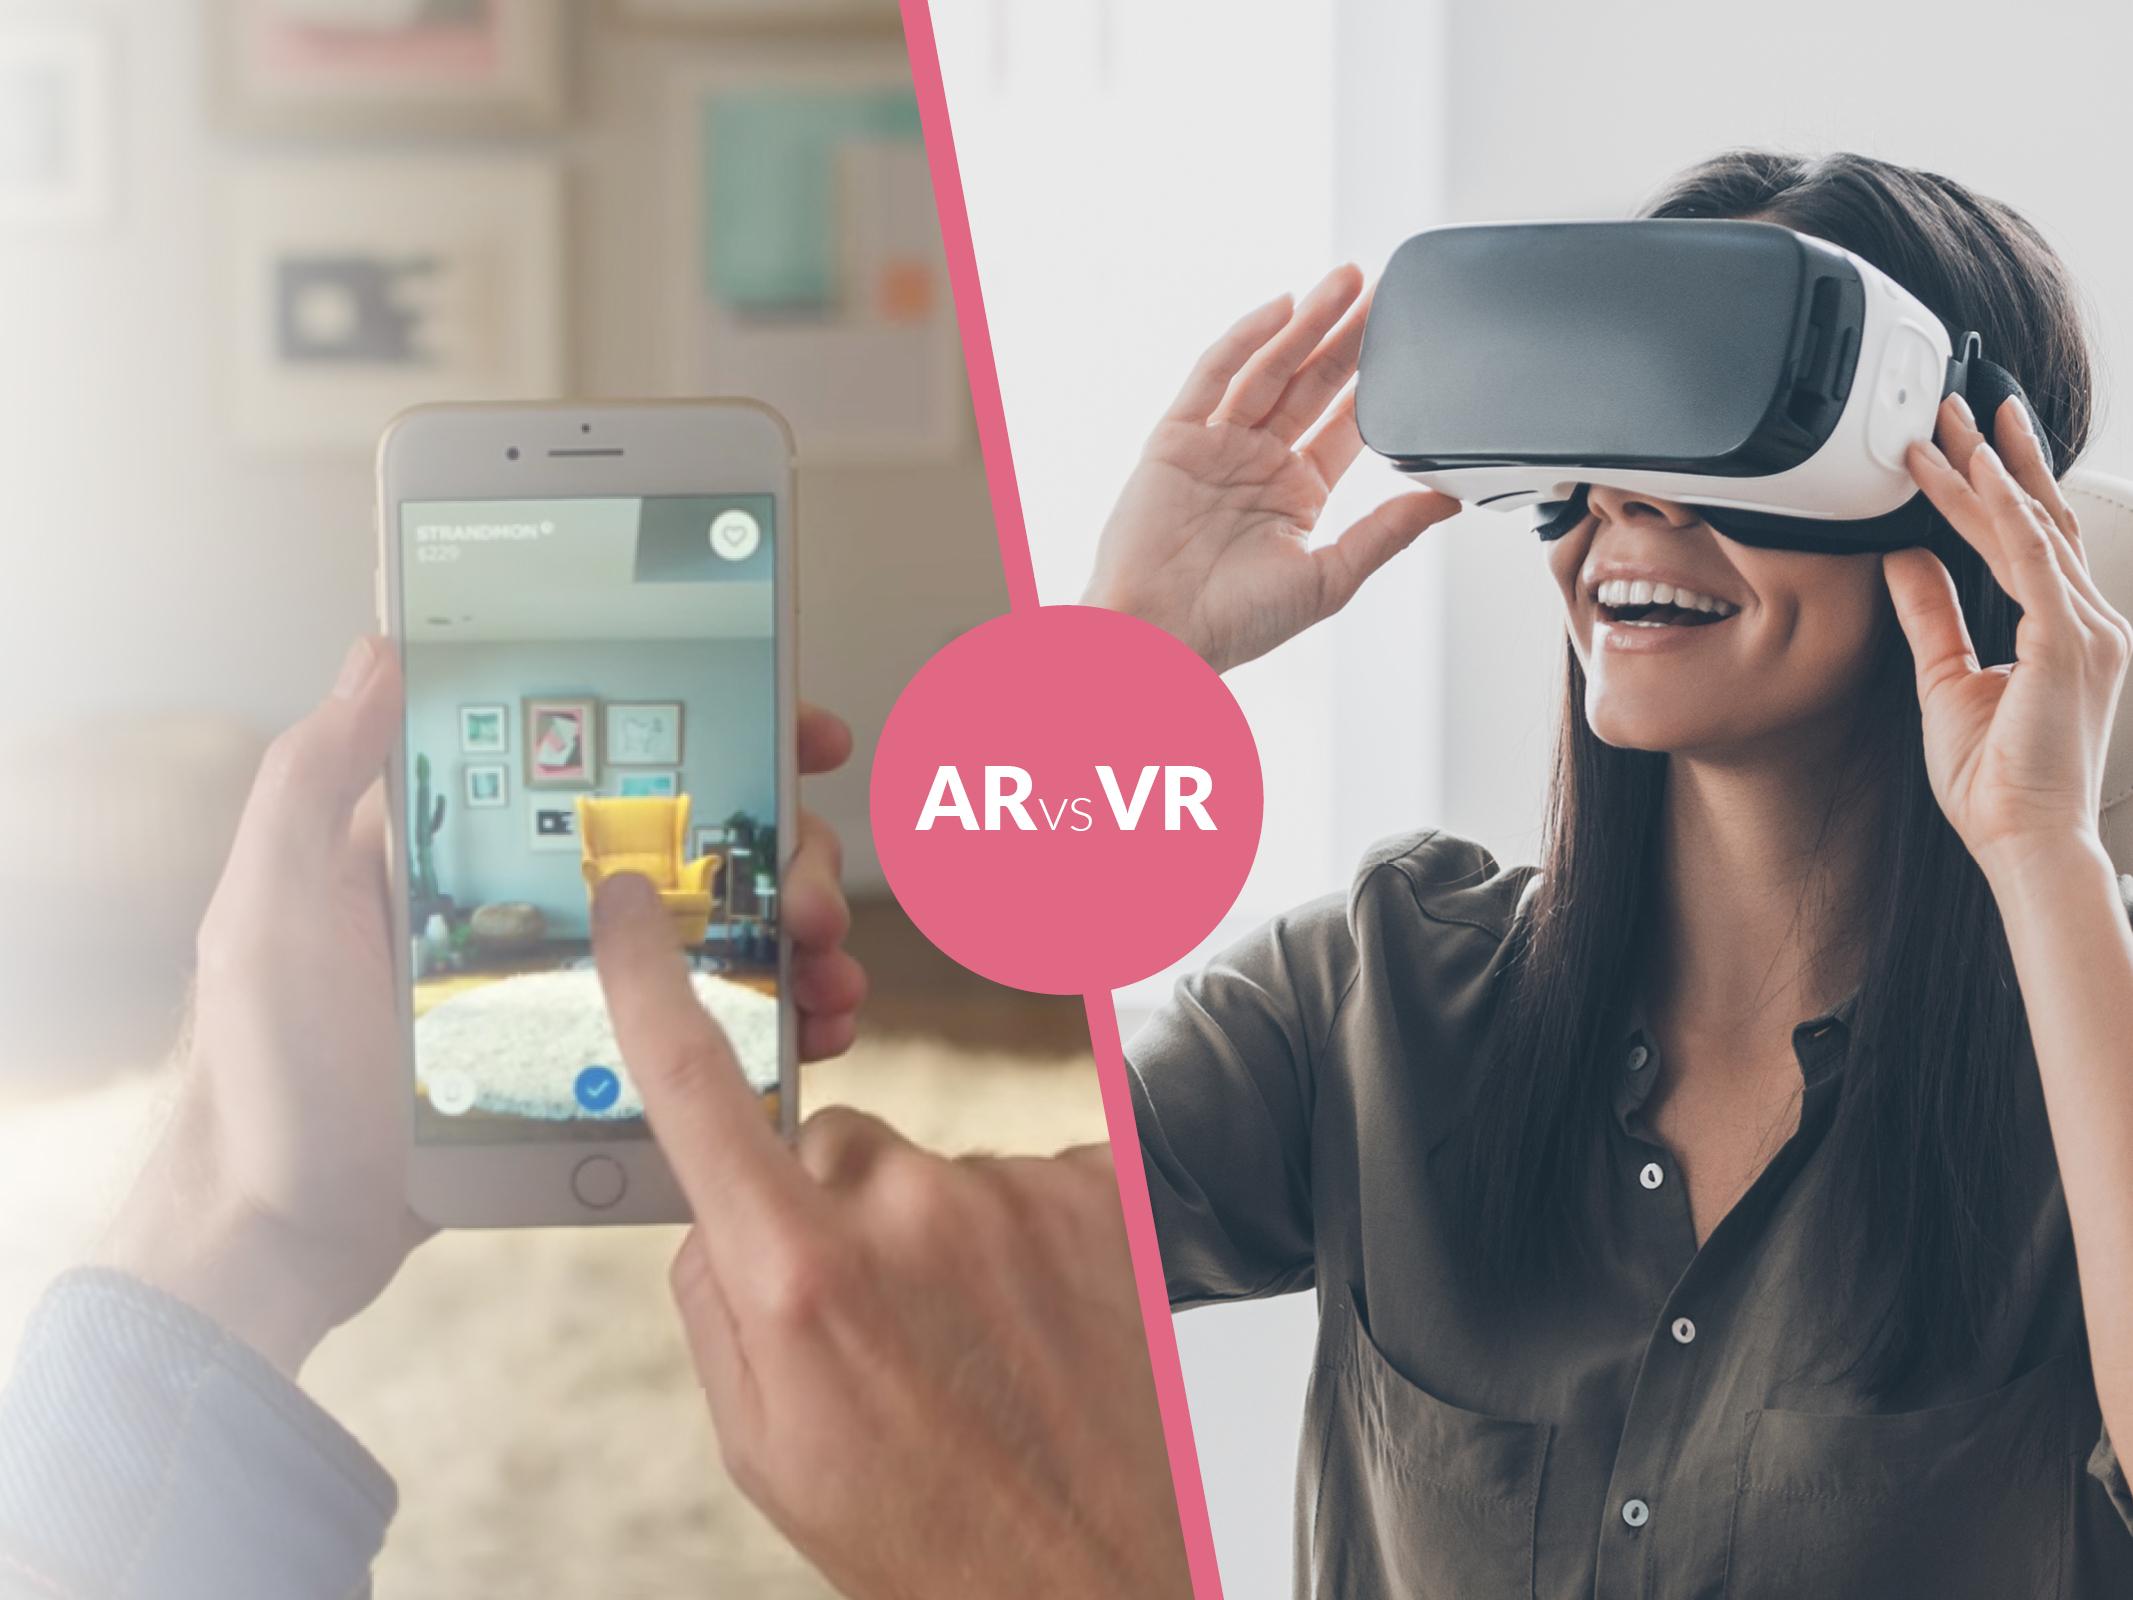 La differenza tra realtà aumentata (AR) e realtà virtuale (VR)